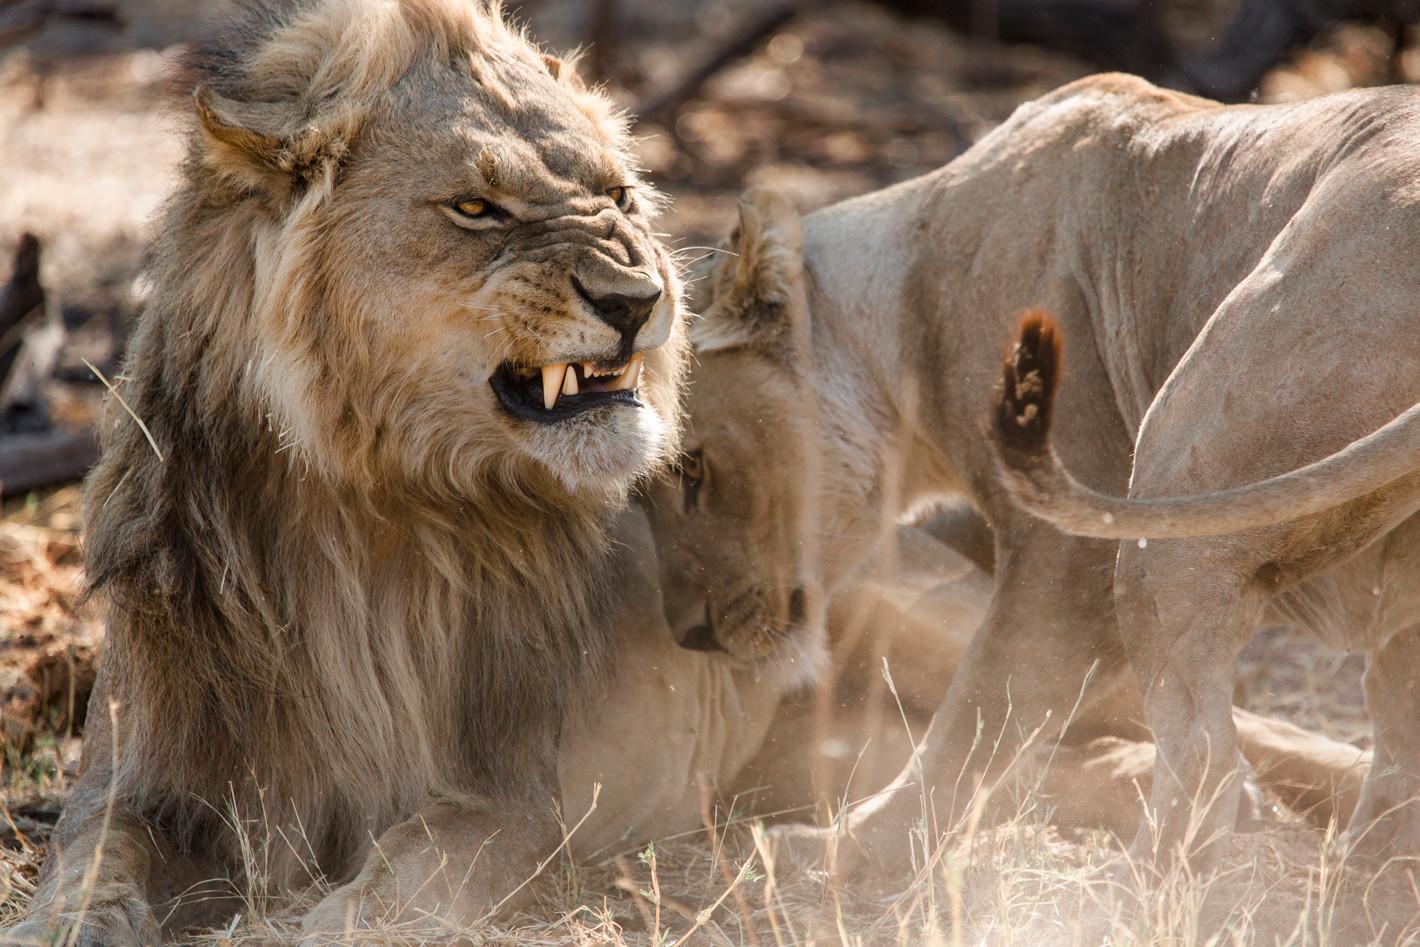 snarling-lion